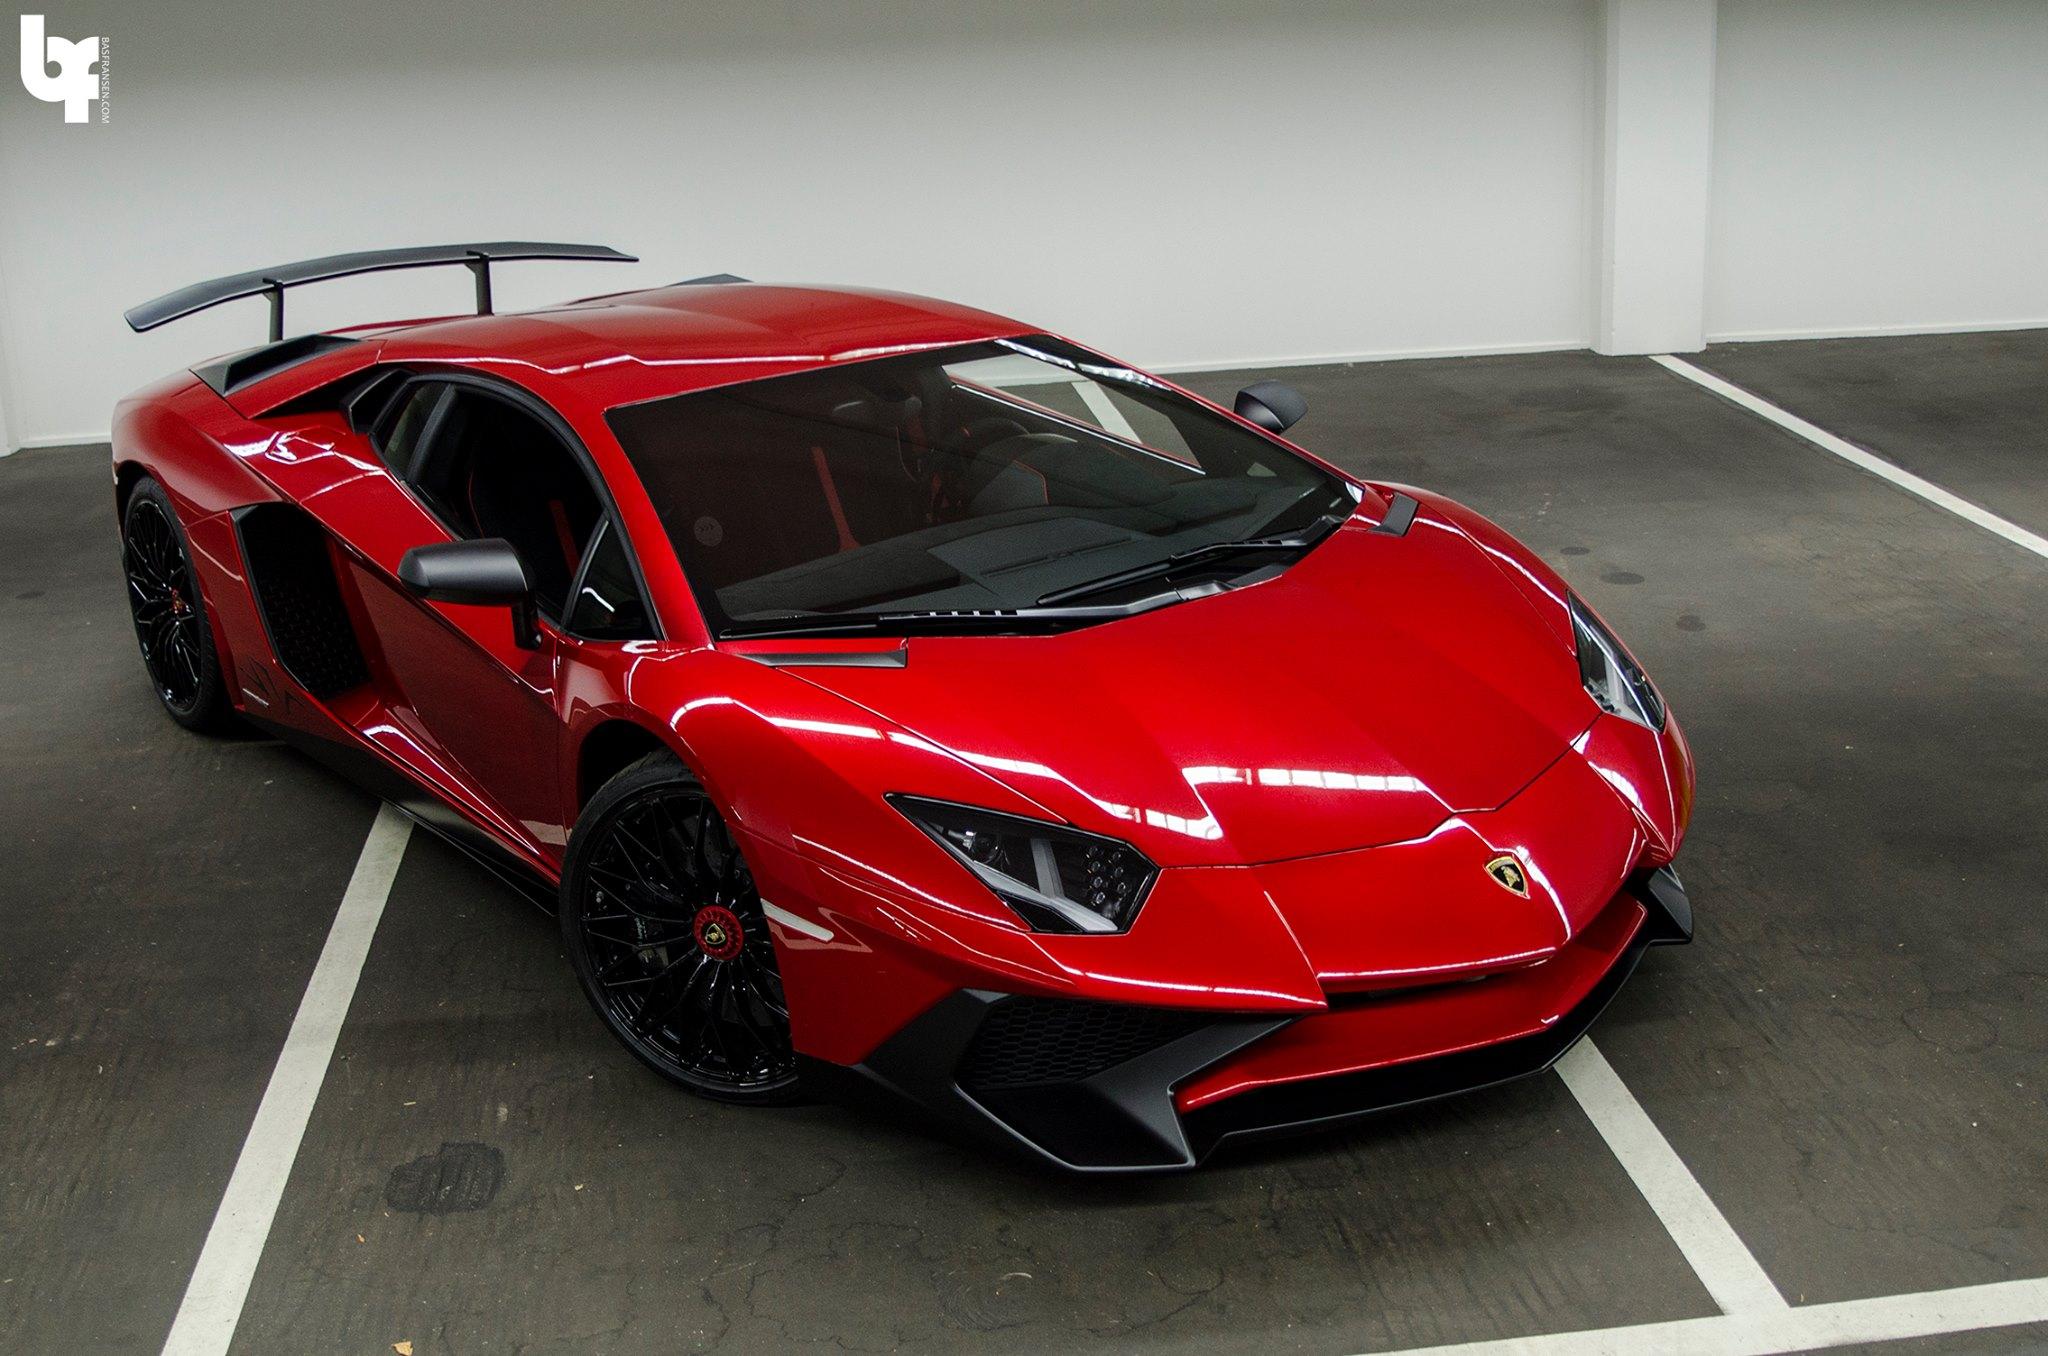 Rosso-Bia-Lamborghini-Aventador-SV-4 Nuevo superdeportivo de Afrojack